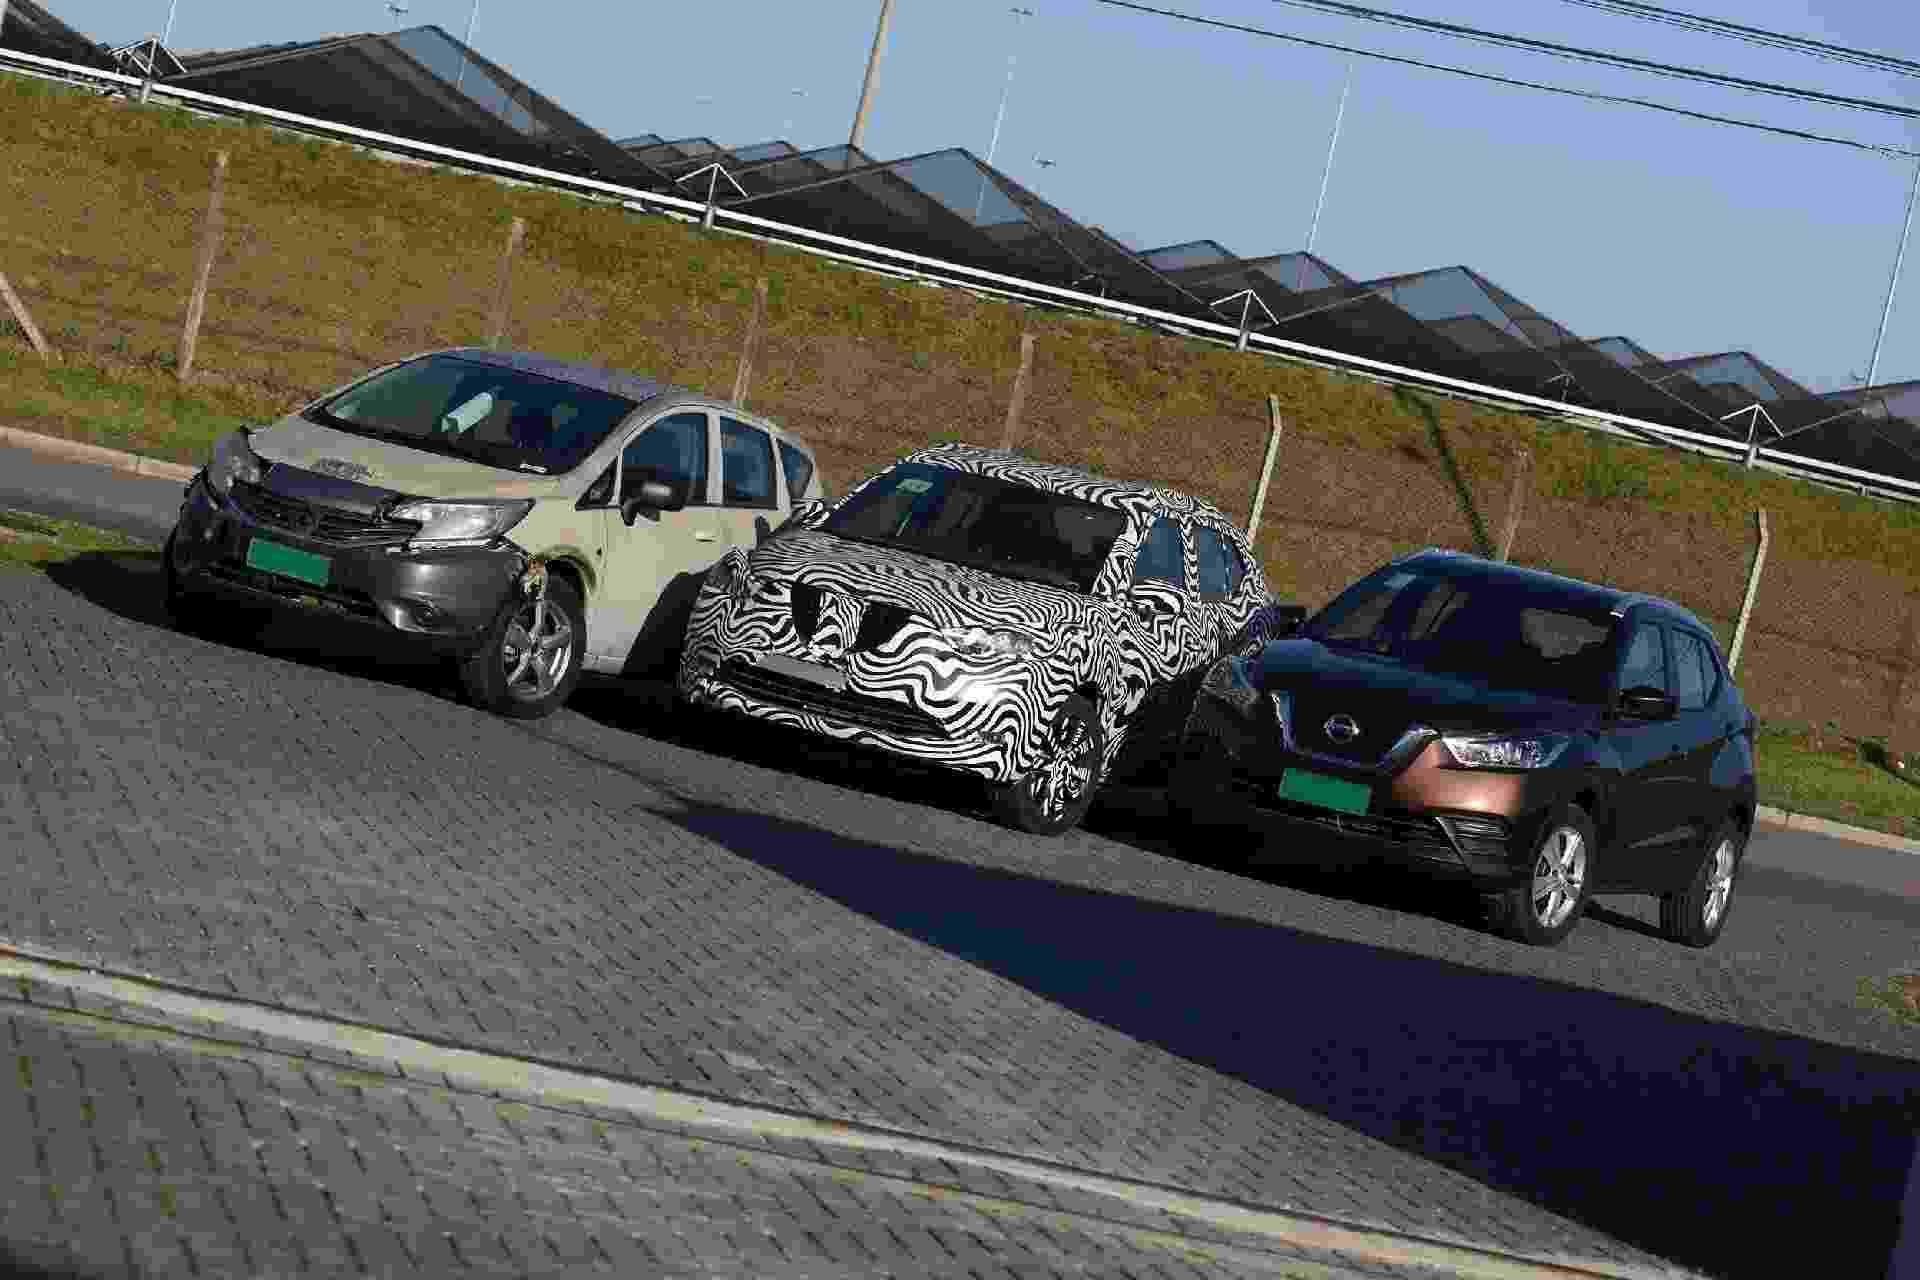 Protótipos do Nissan Kicks - Murilo Góes/UOL